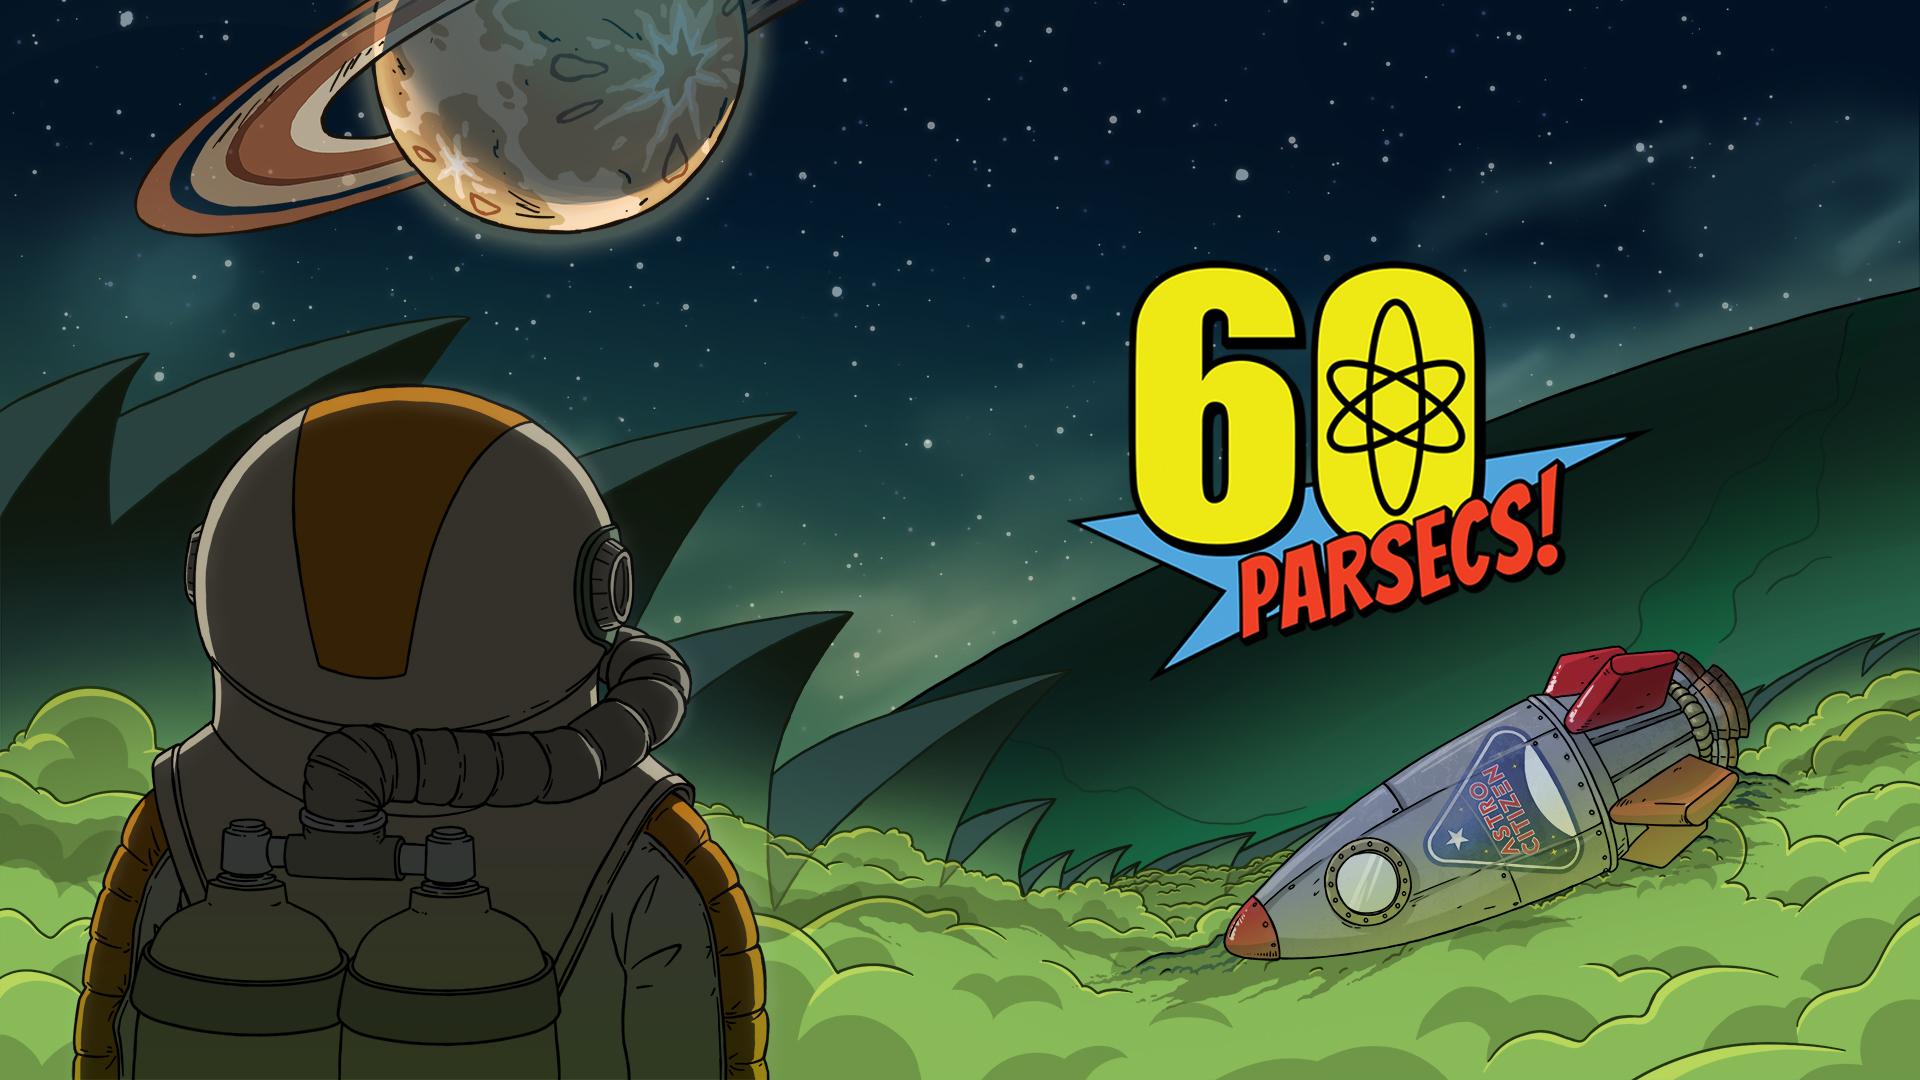 Nintendo eShop: 60 Parsecs!